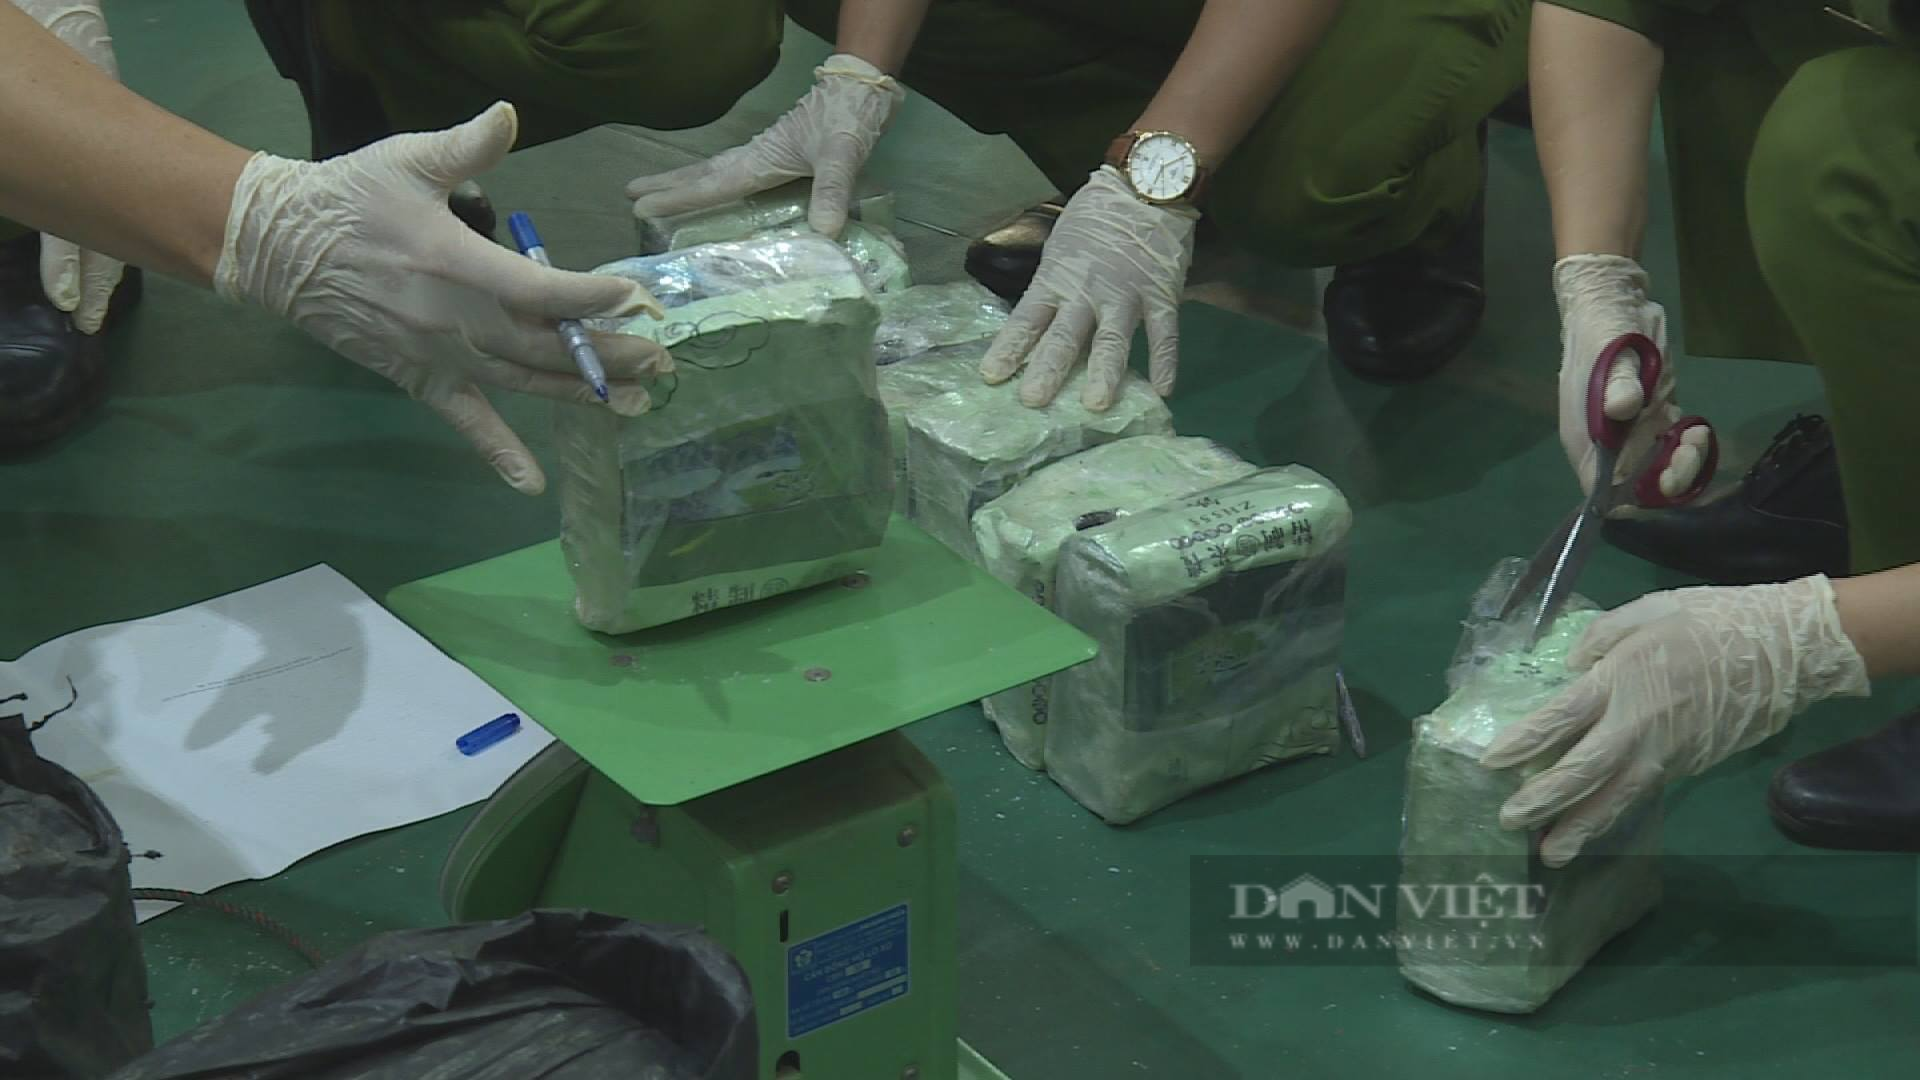 base64 16267523133861757923134 Truy tố hai đối tượng vận chuyển 200 kg ma túy đá từ Lào về TP.HCM